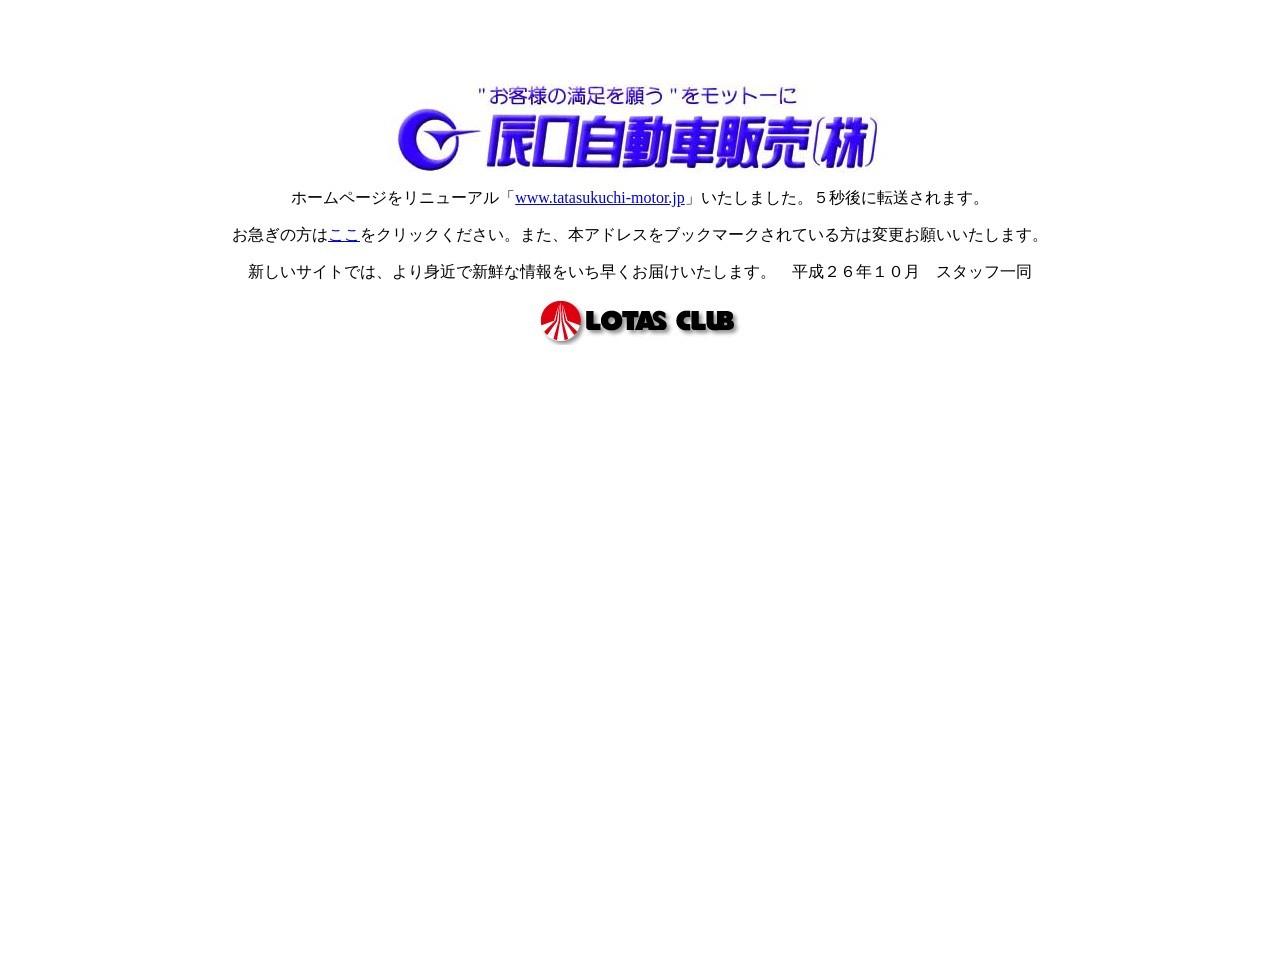 辰口自動車販売株式会社